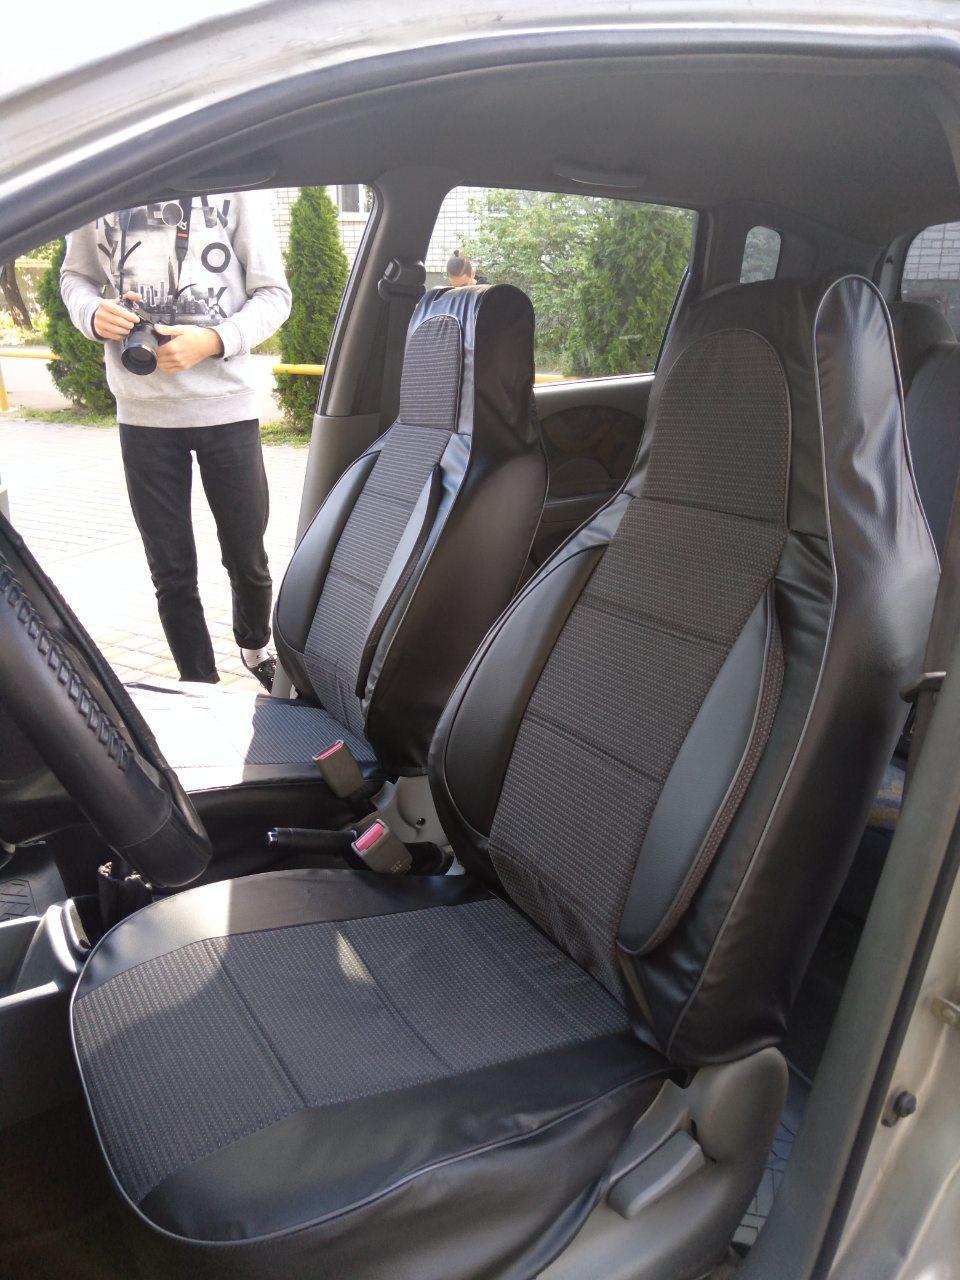 Чохли на сидіння КІА Каренс (KIA Carens) (універсальні, кожзам+автоткань, пілот)